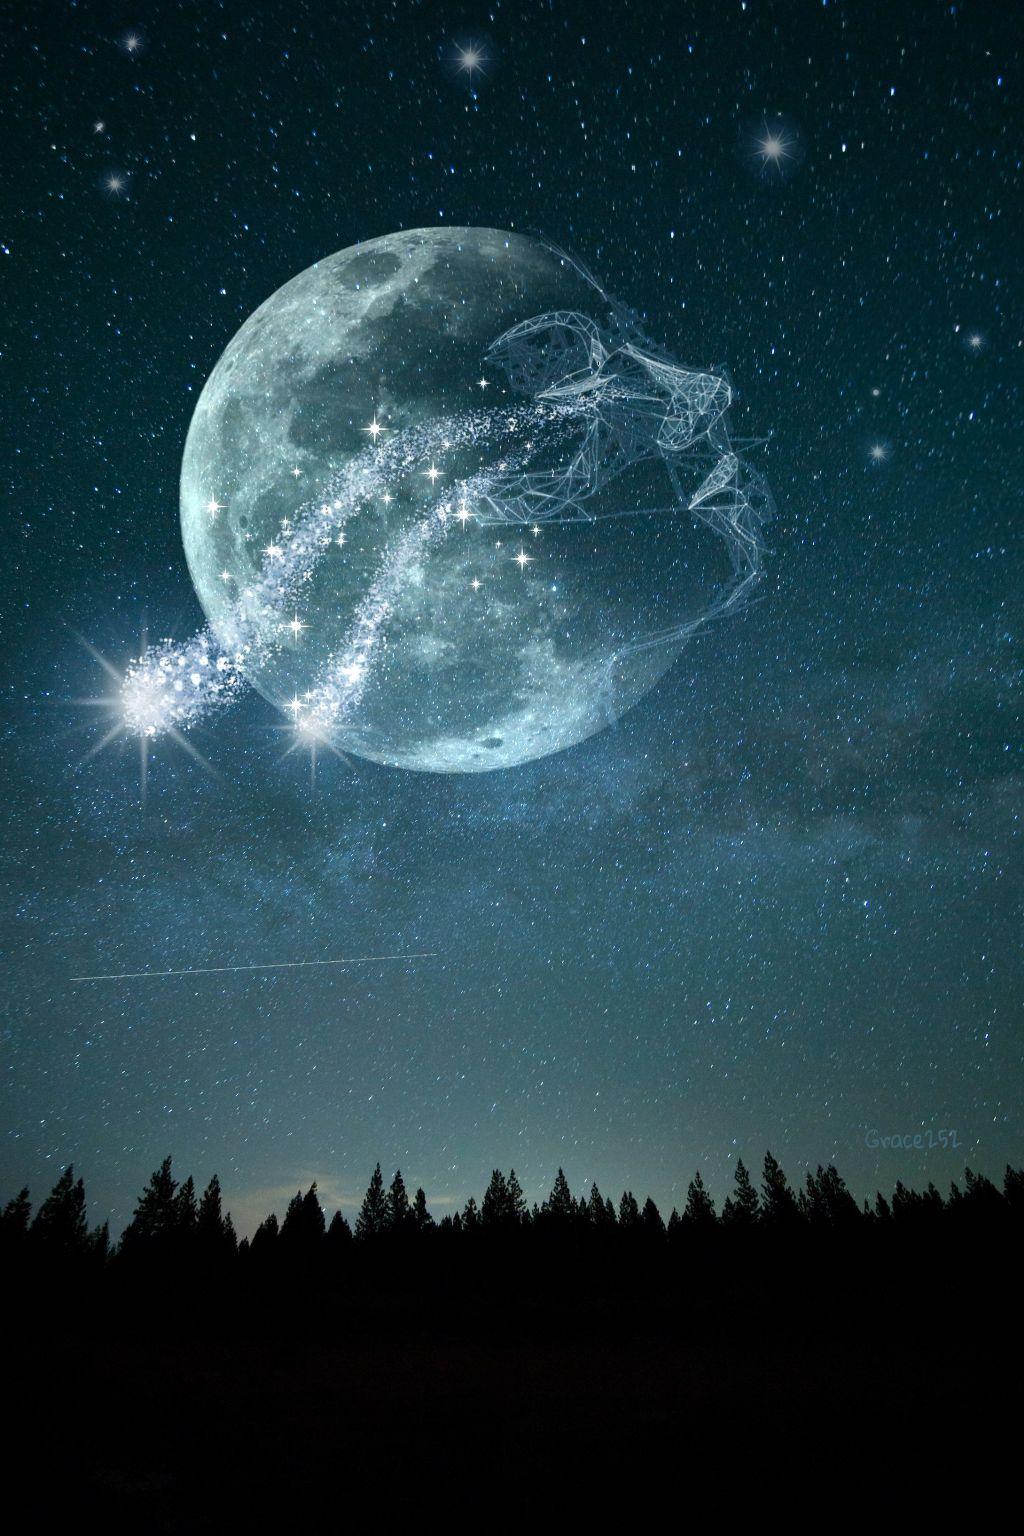 #freetoedit #doubleexposure #moon #sky #polygonart #starrysky Op @freetoedit @lucymy1